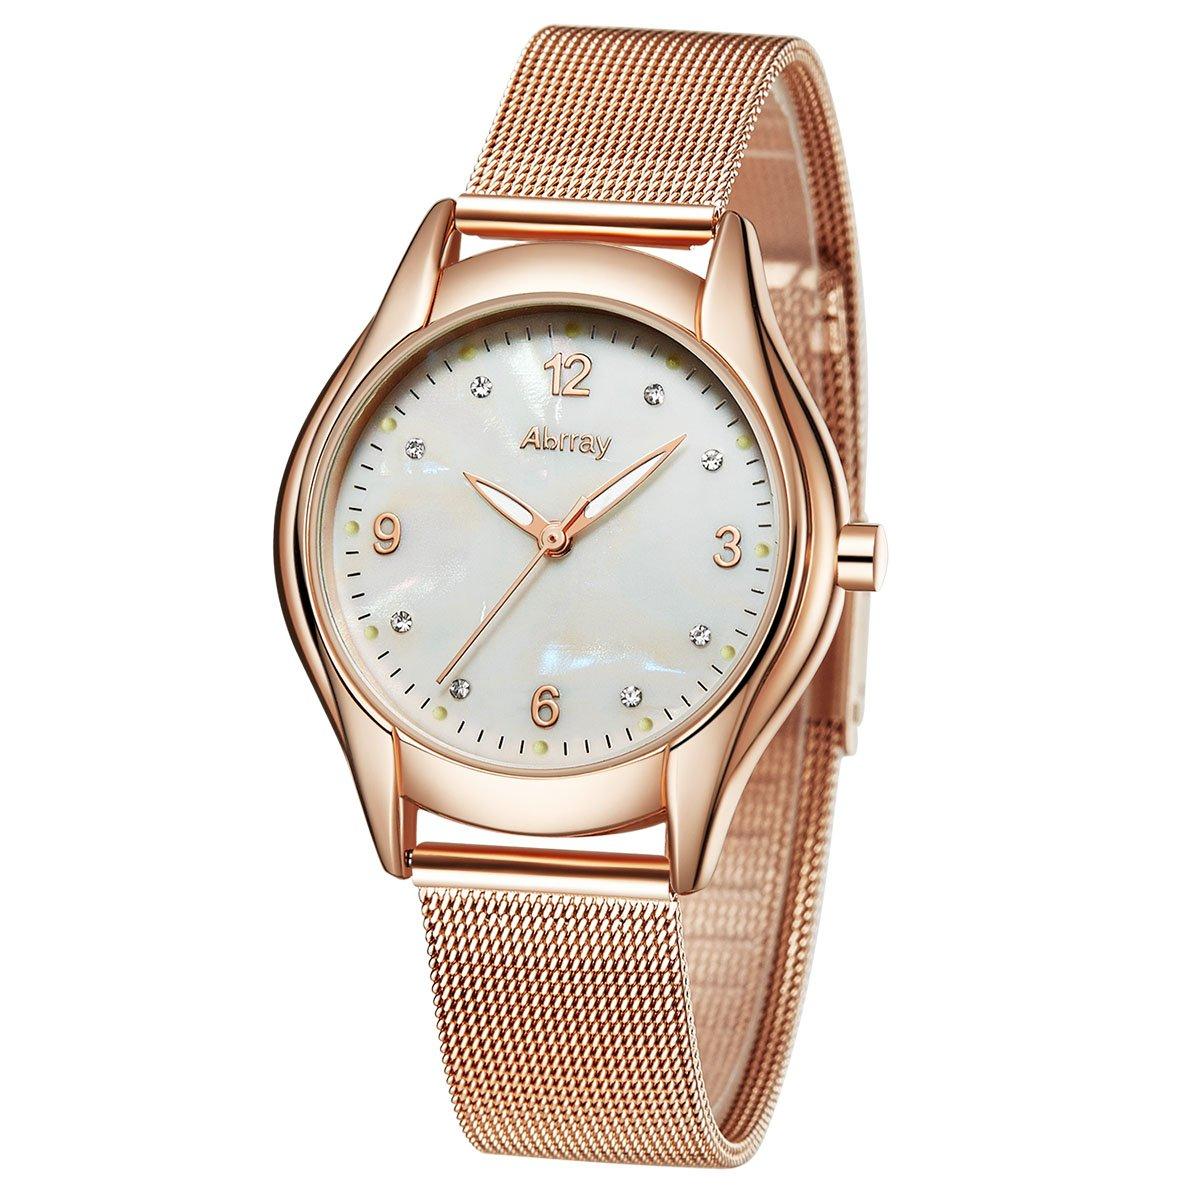 Abrray Luxe Or rose en maille Bracelet femme à quartz Montre-bracelet pour cadeau Graduation anniversaire